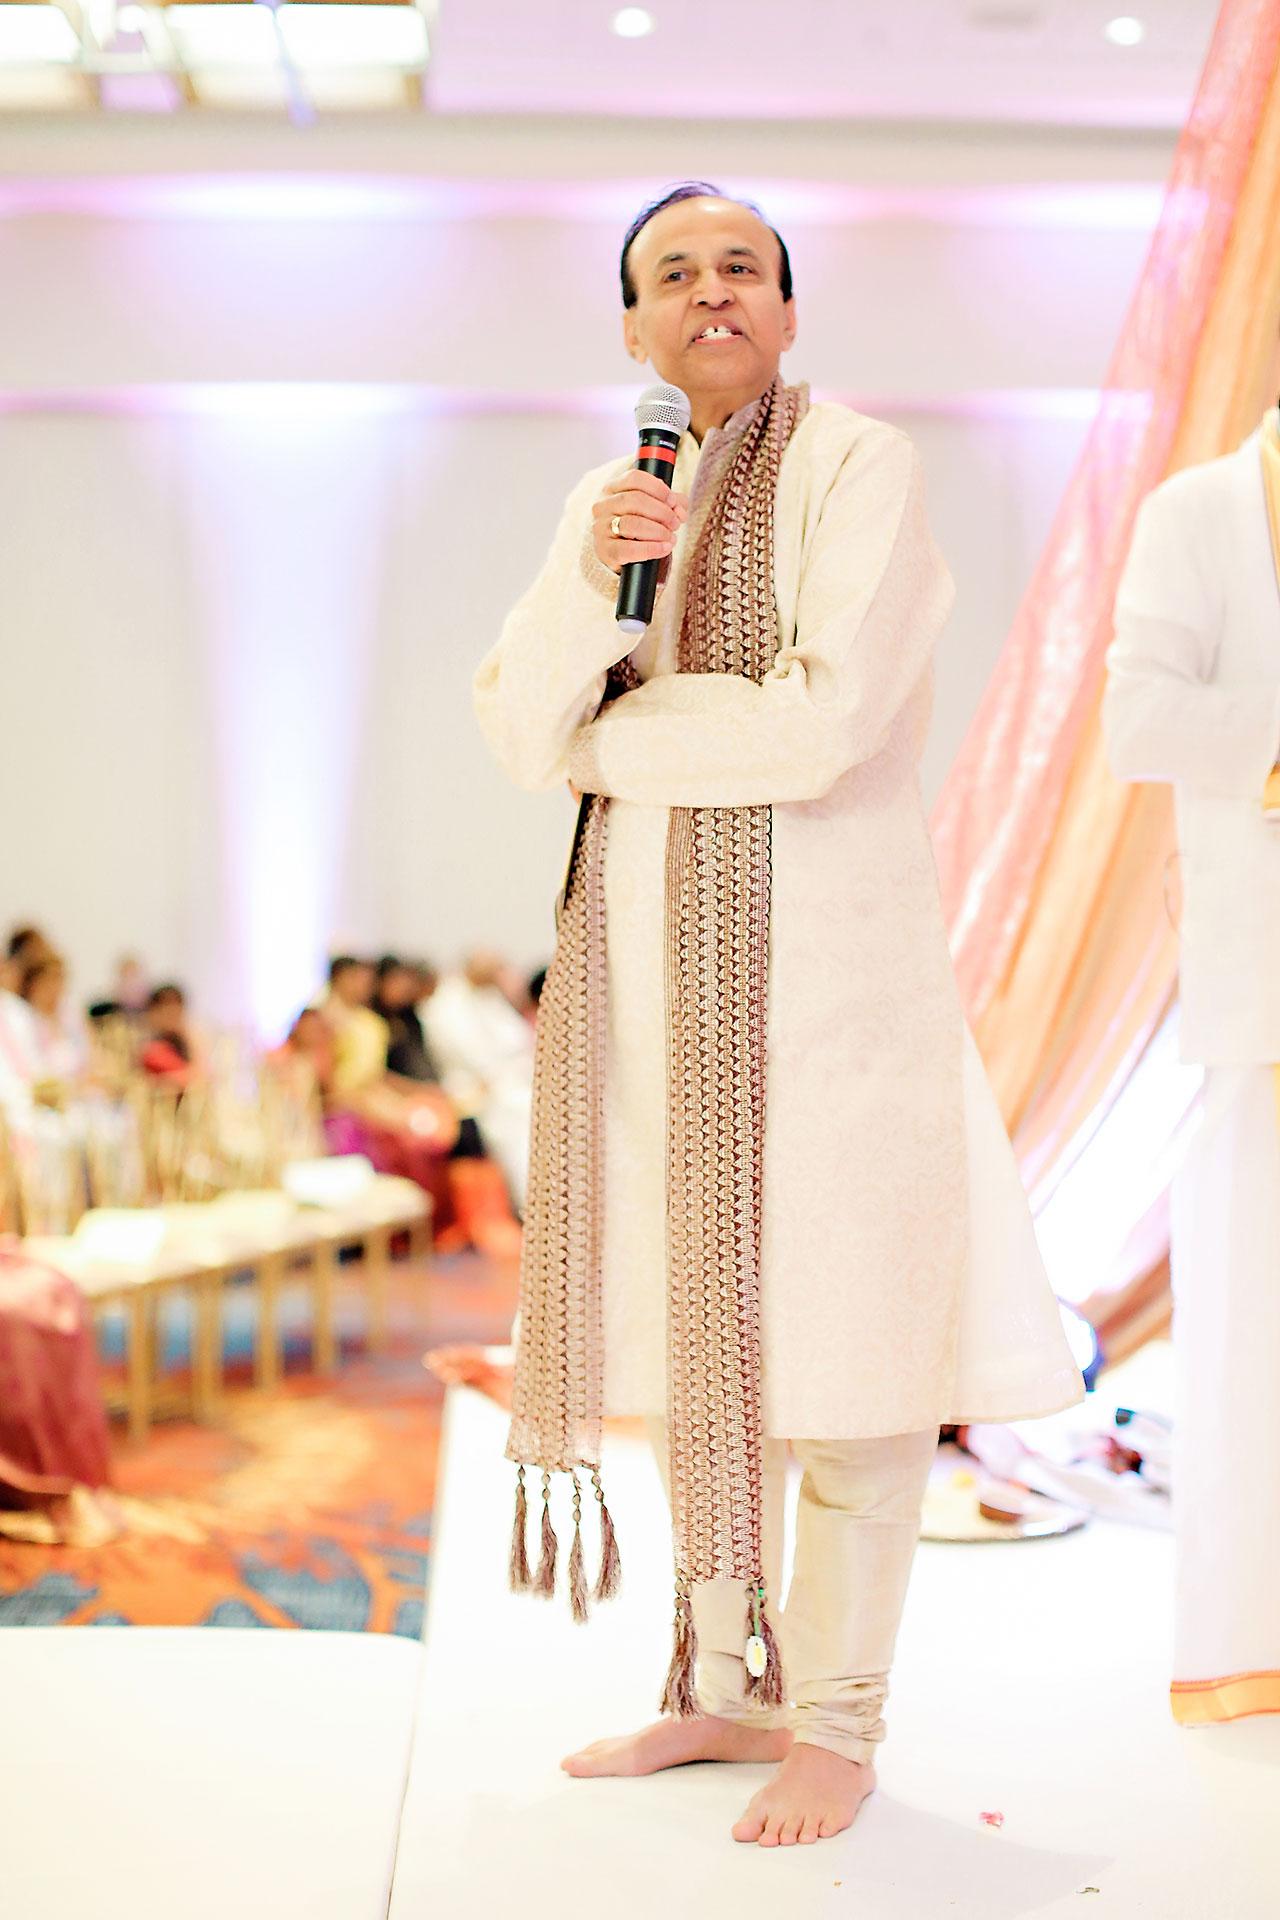 Joie Nikhil JW Marriott Indian Wedding 252